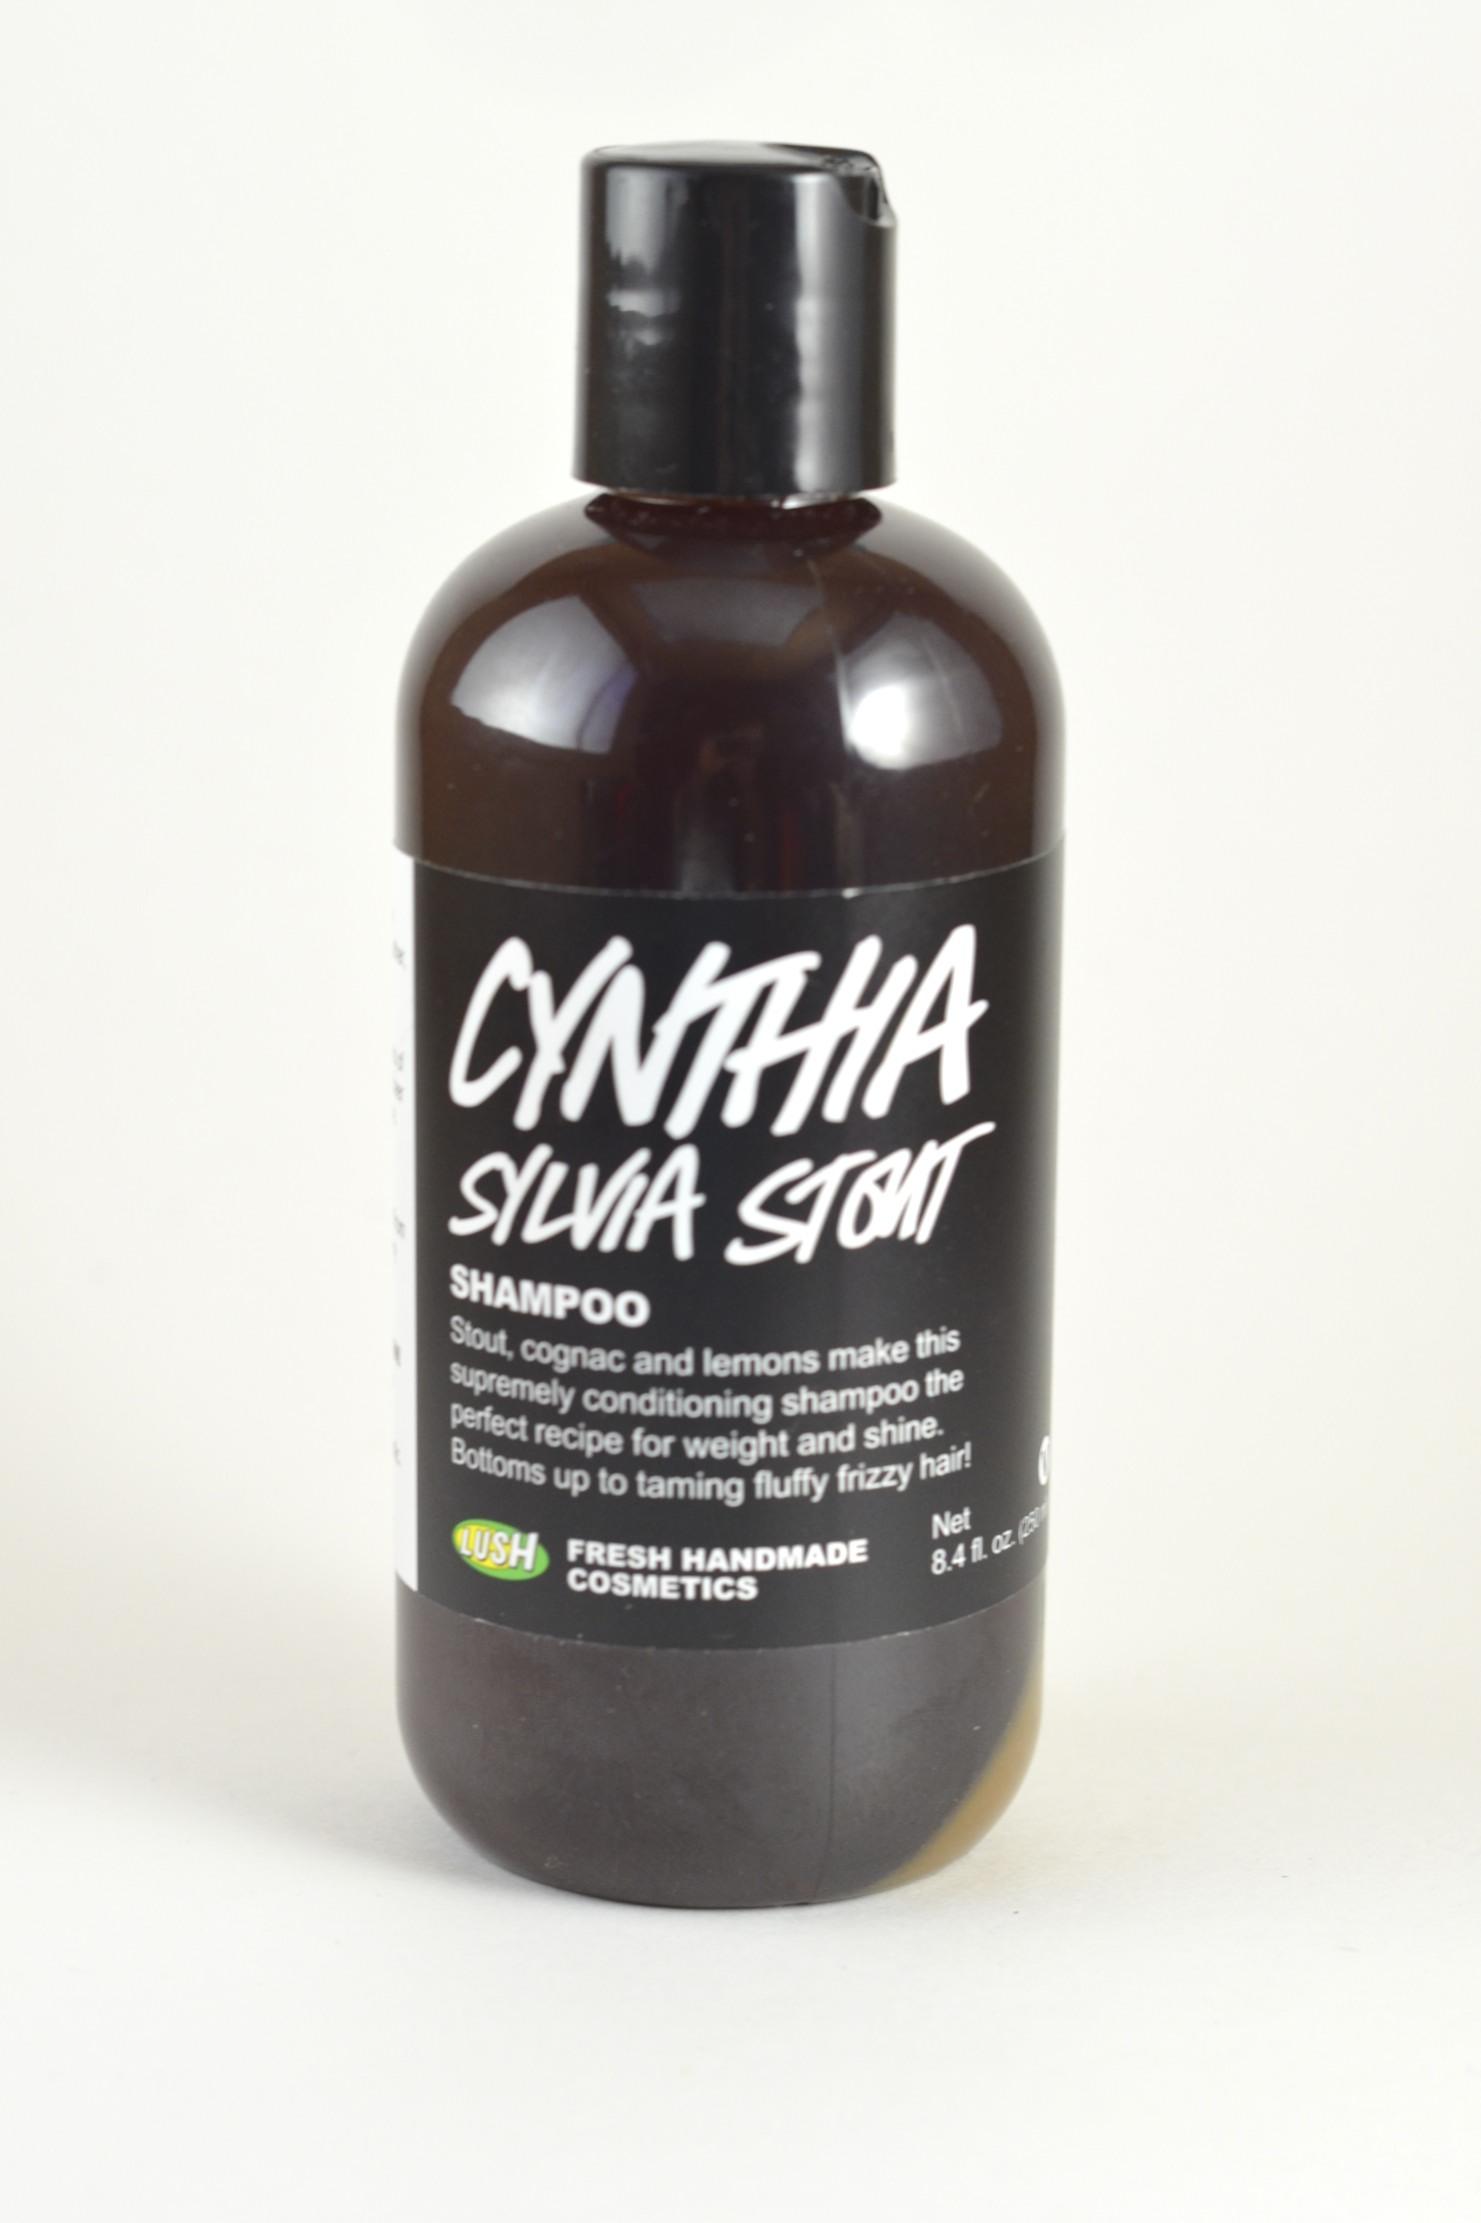 lush cynthia sylvia stout shampoo review